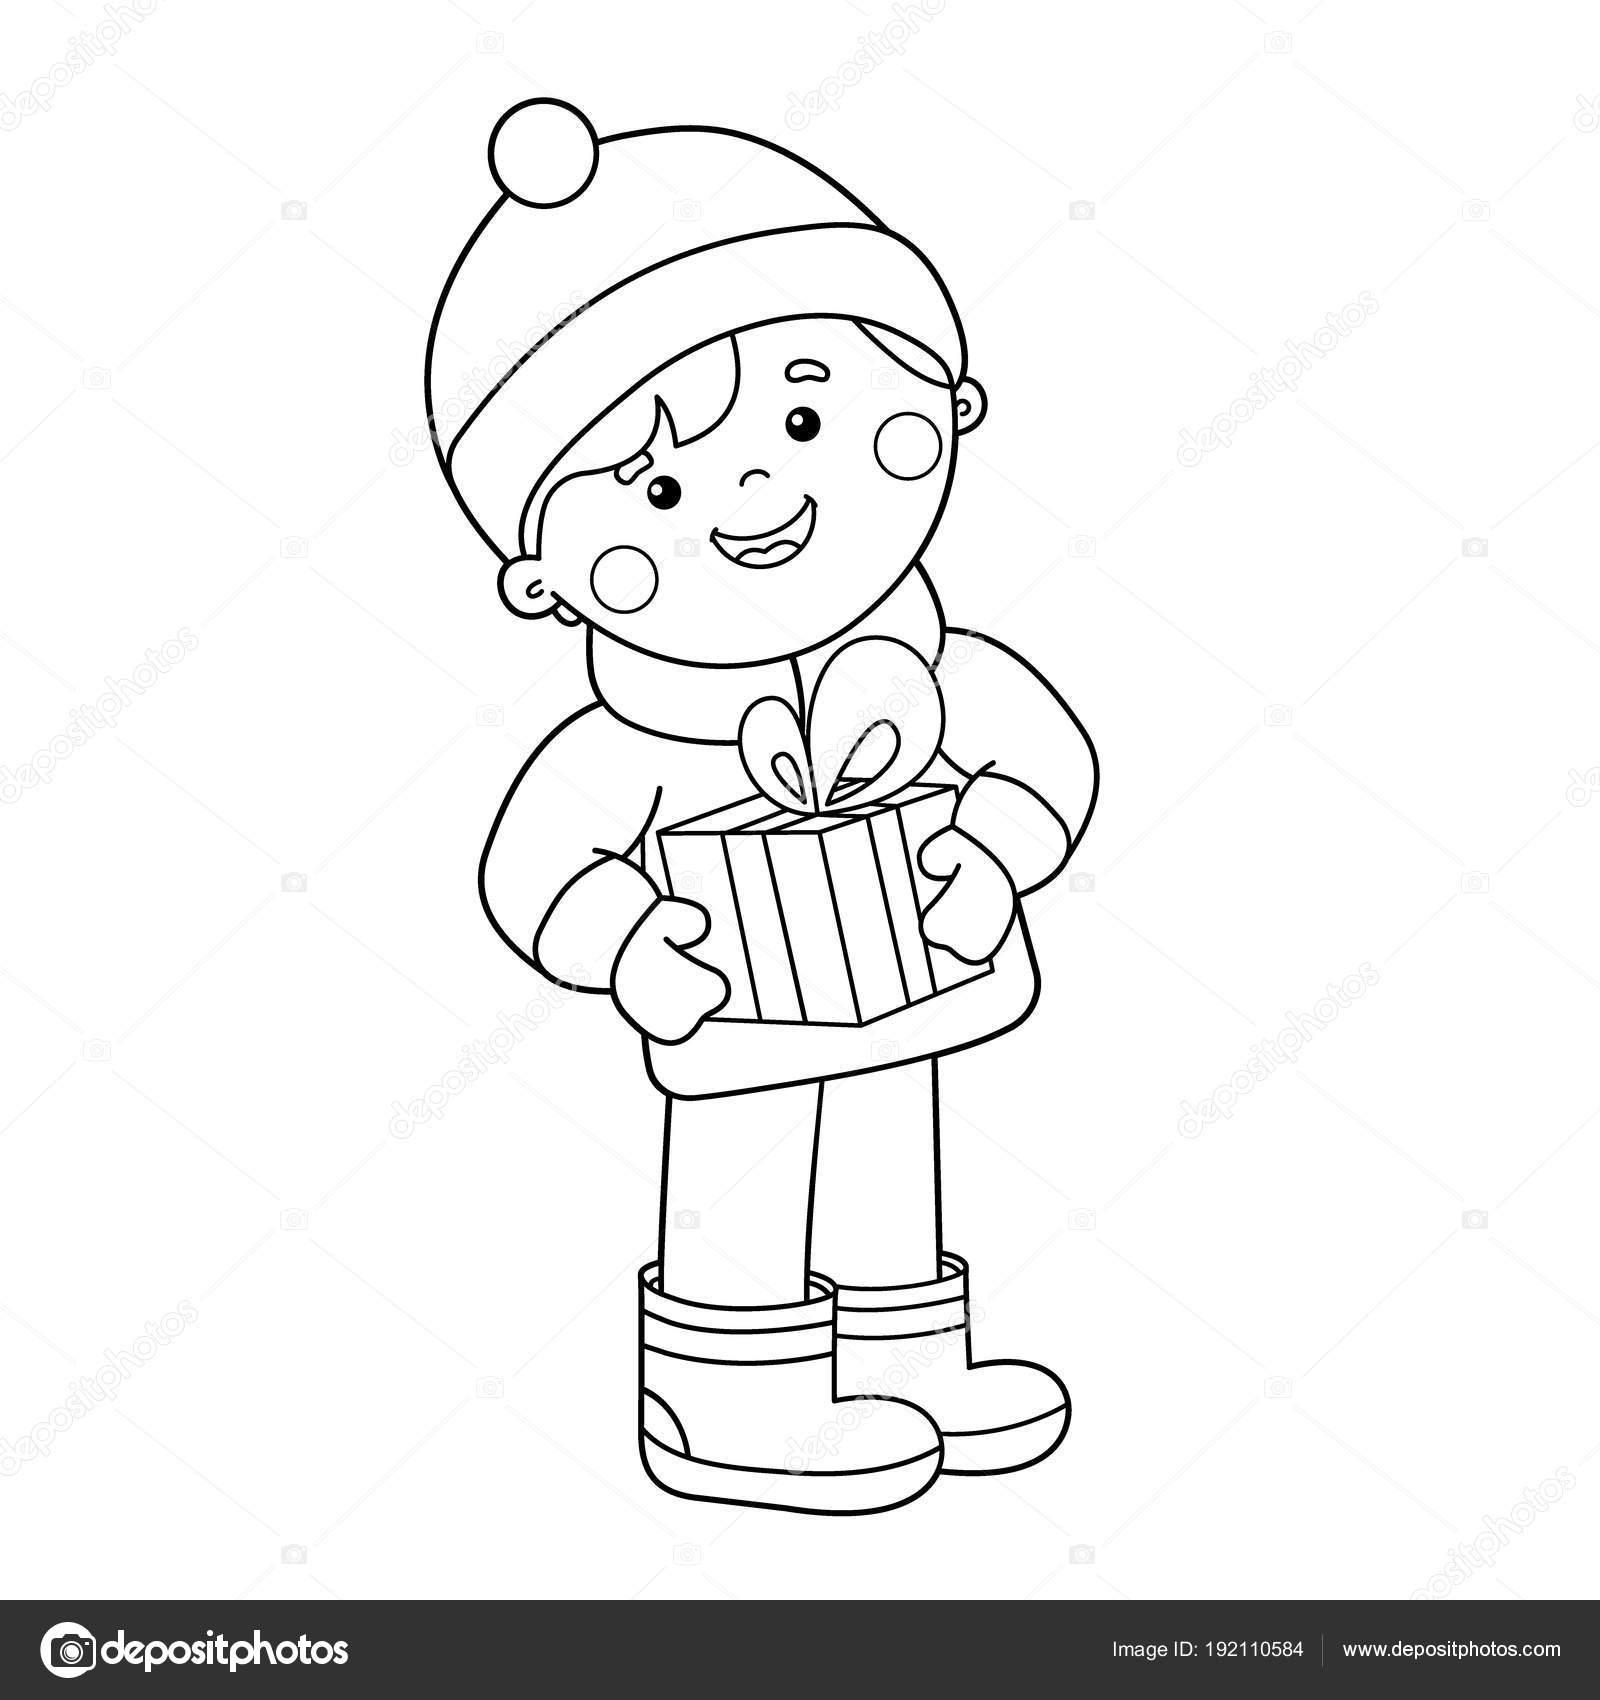 Boyama çocuk Hediye Sayfa Anahat Noel Yeni Yıl çocuklar Için